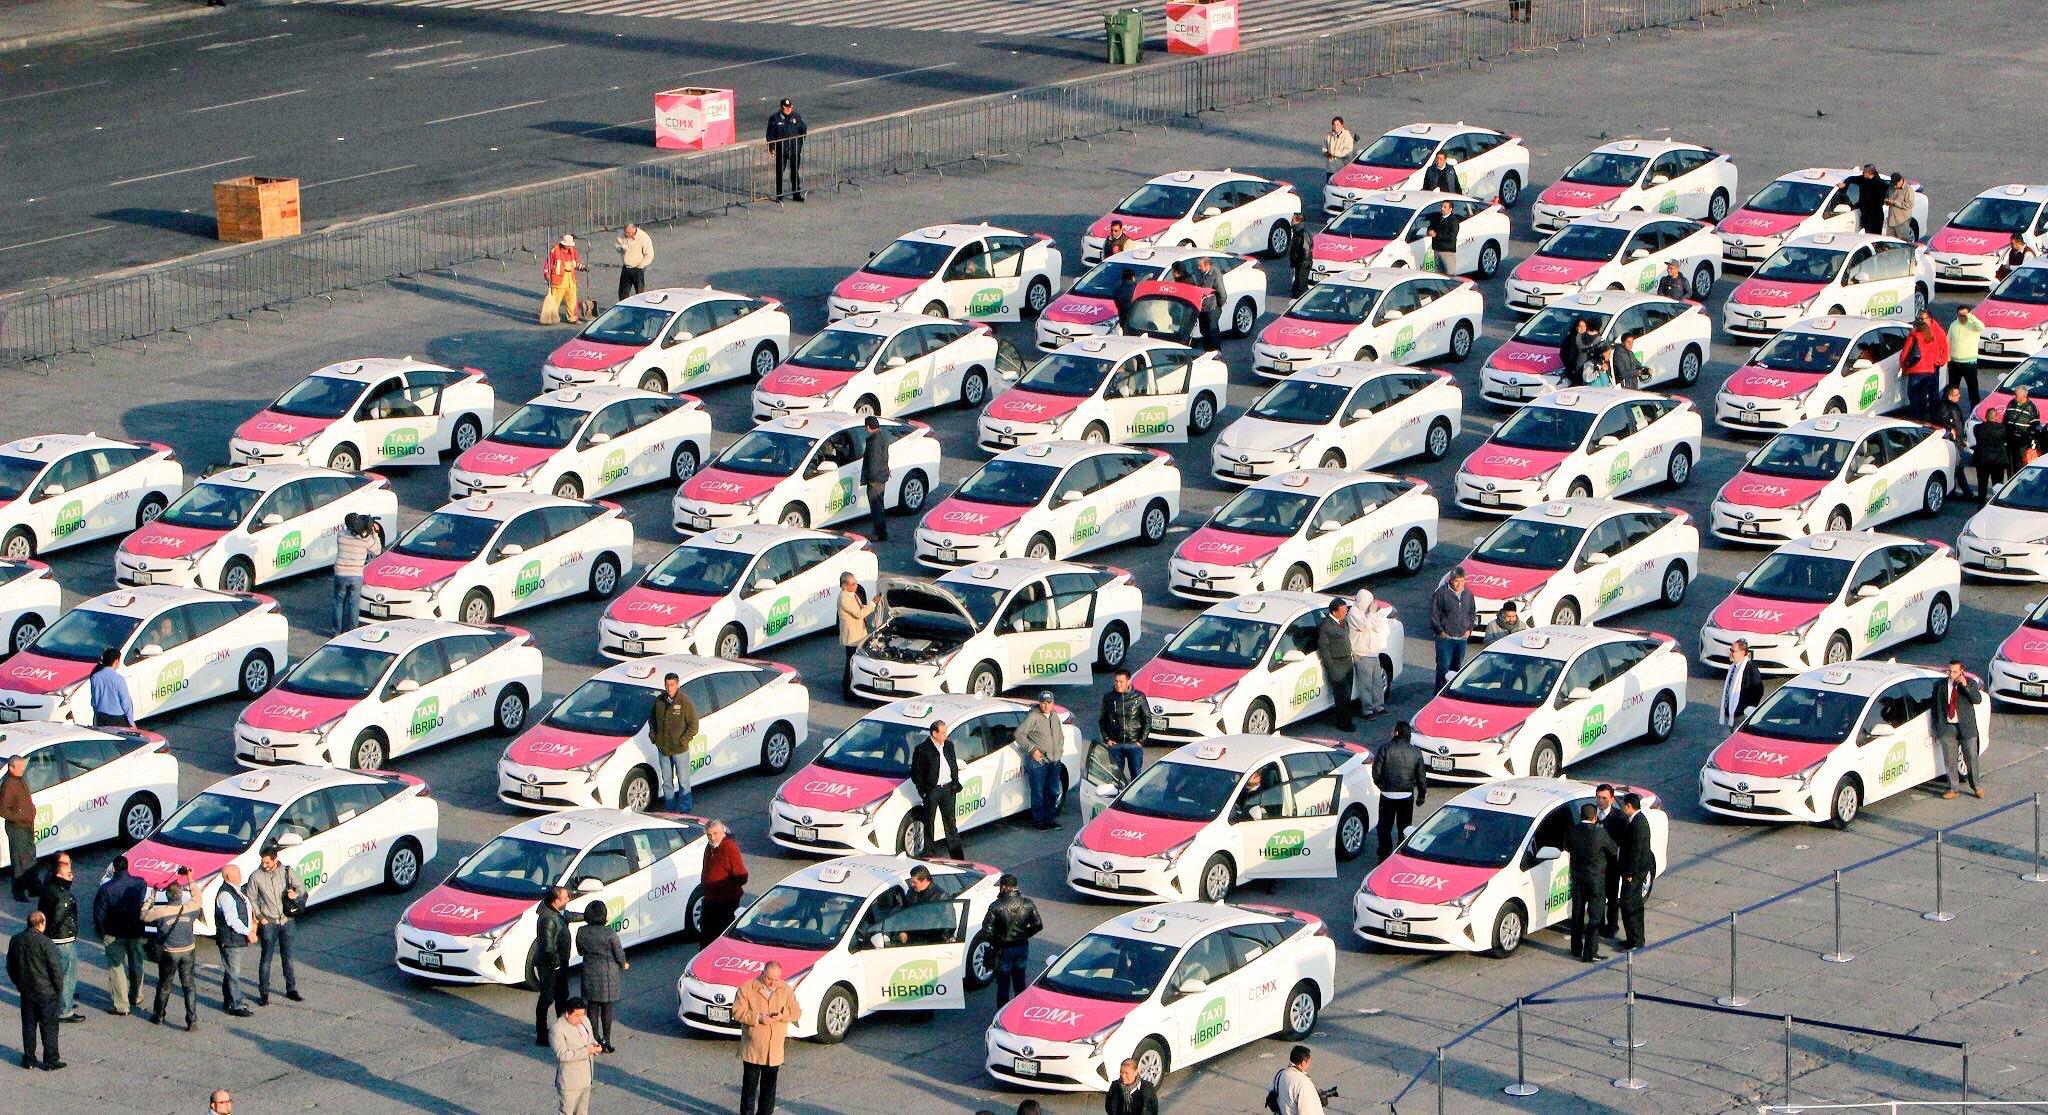 Taxistas abrirán 2020 con otra movilización masiva, taxis